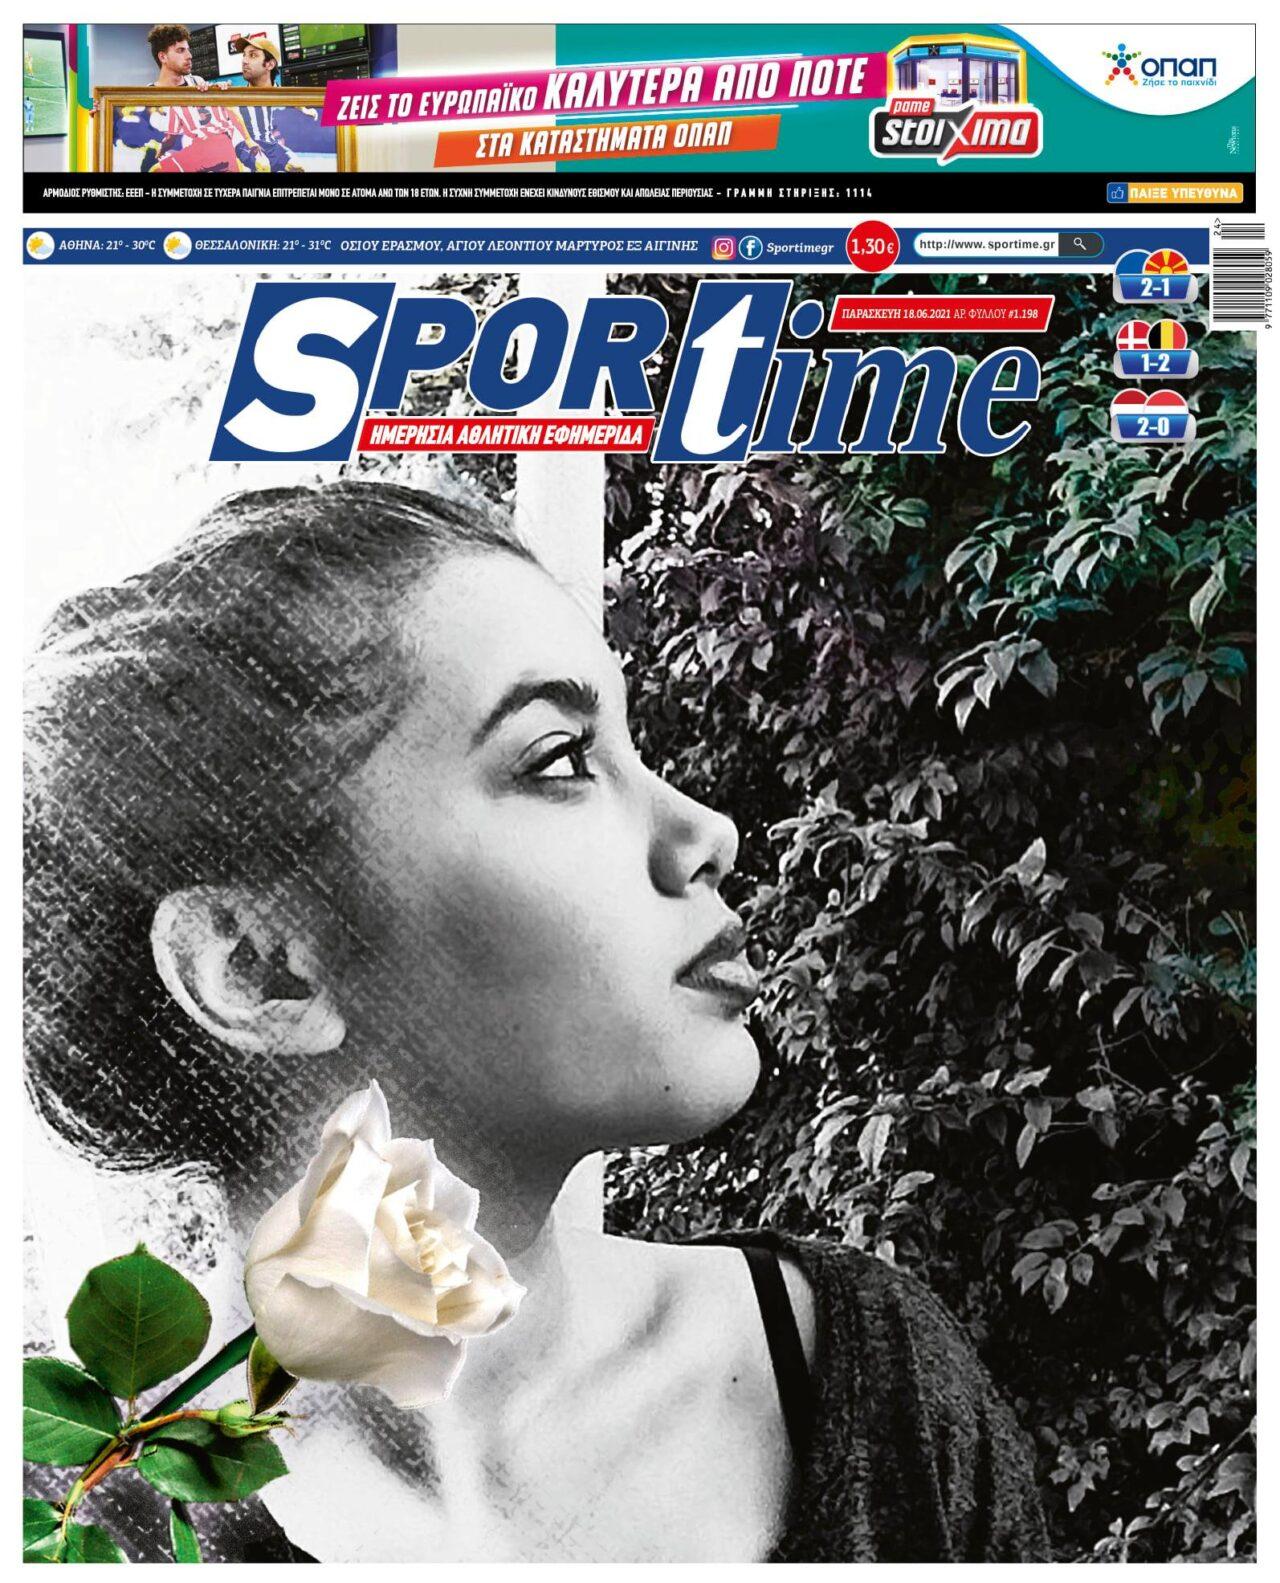 Πρωτοσέλιδο Sportime 18-6